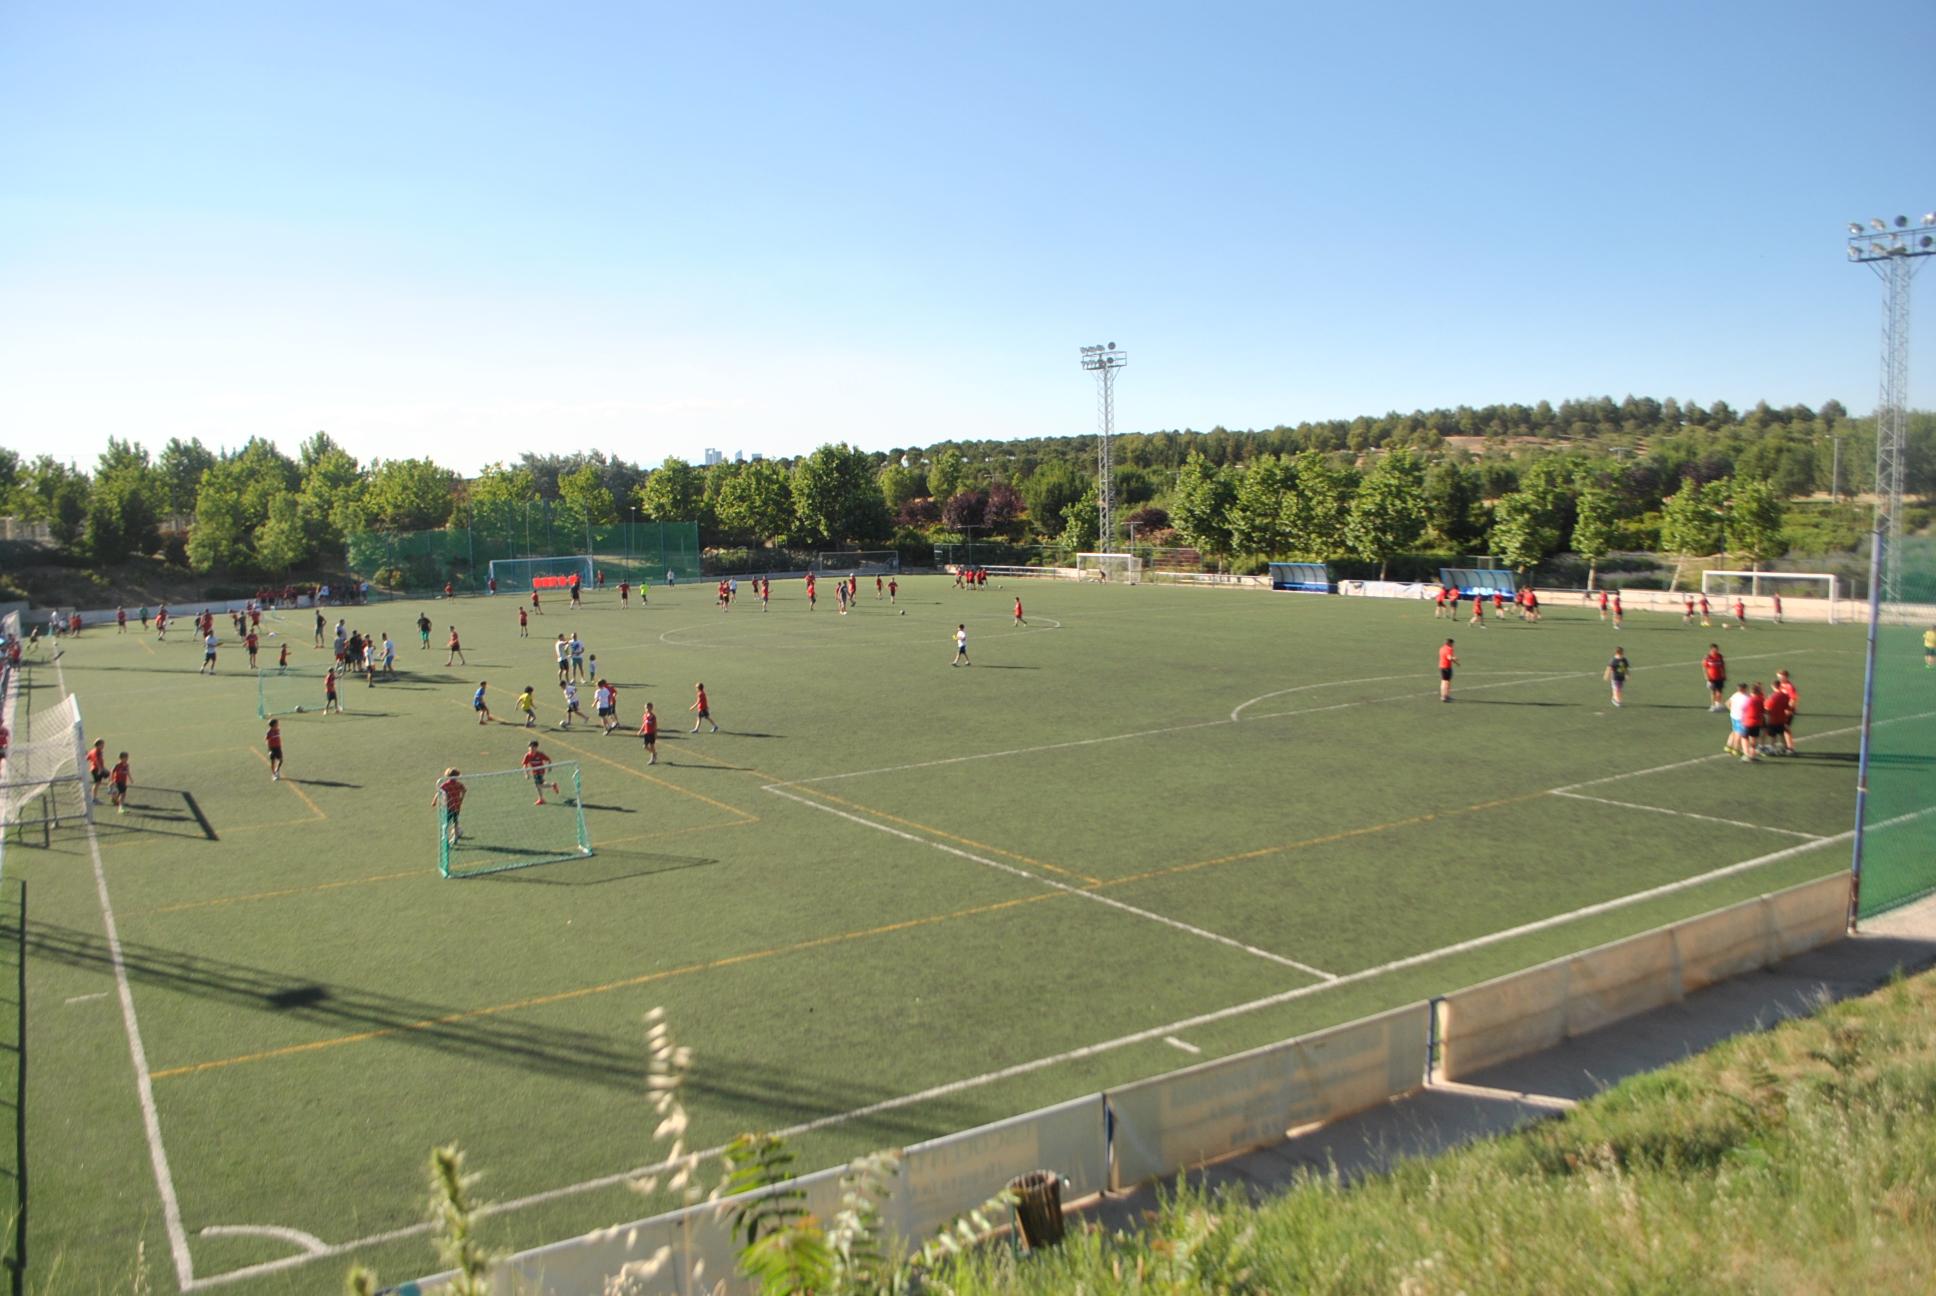 La Dehesa acoge pruebas para futbolistas que aspiran a jugar en Australia y Estados Unidos